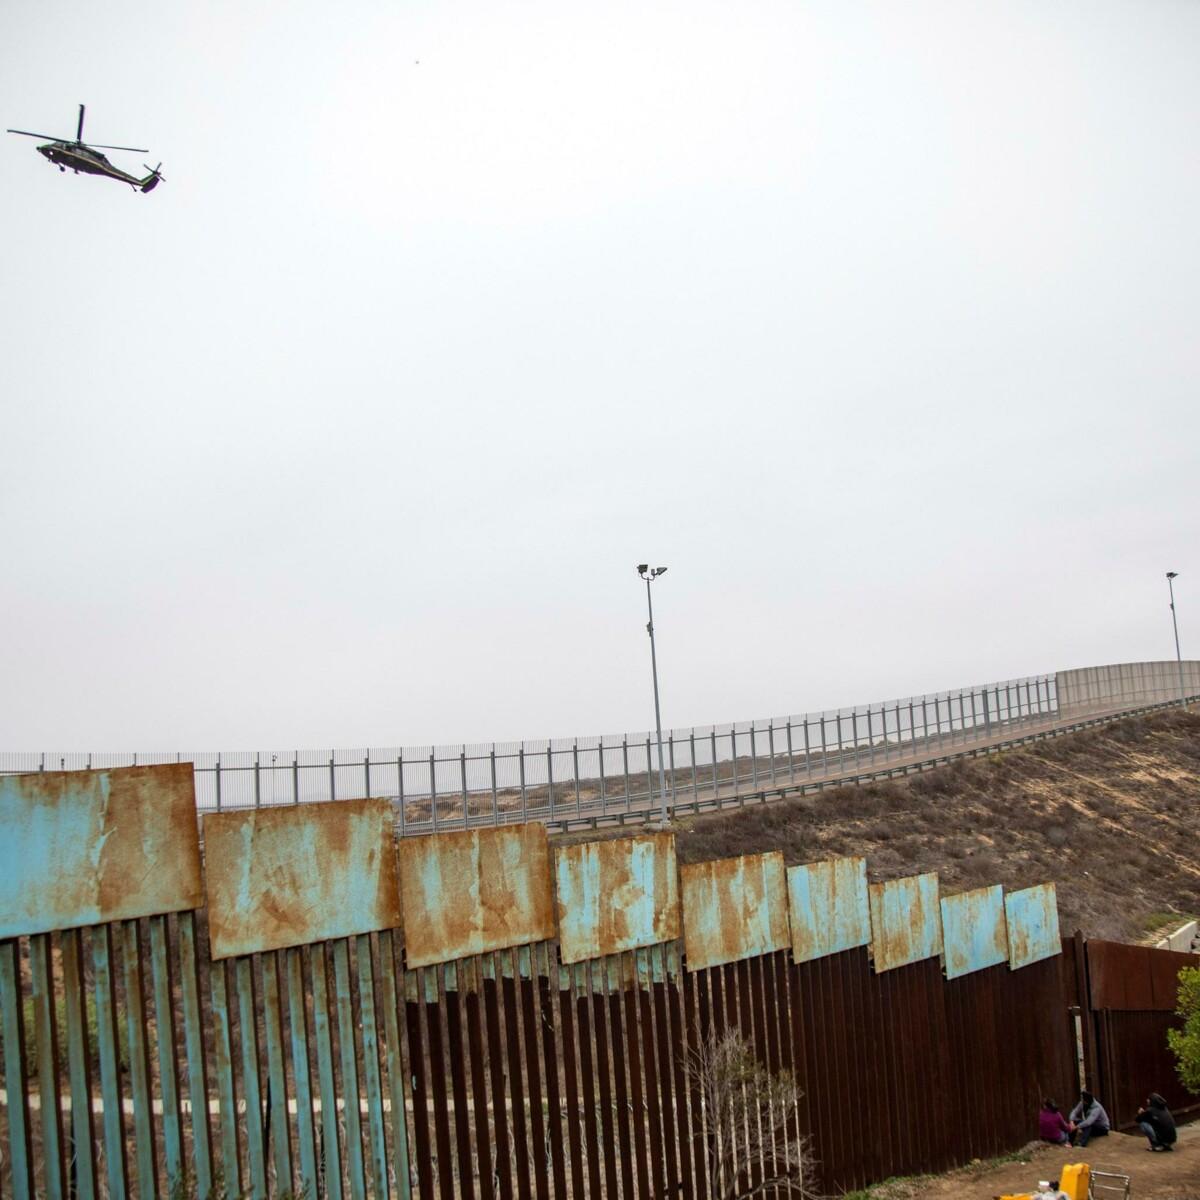 L'Ue come Trump: barriera sul confine lituano per fermare i migranti dalla Bielorussia